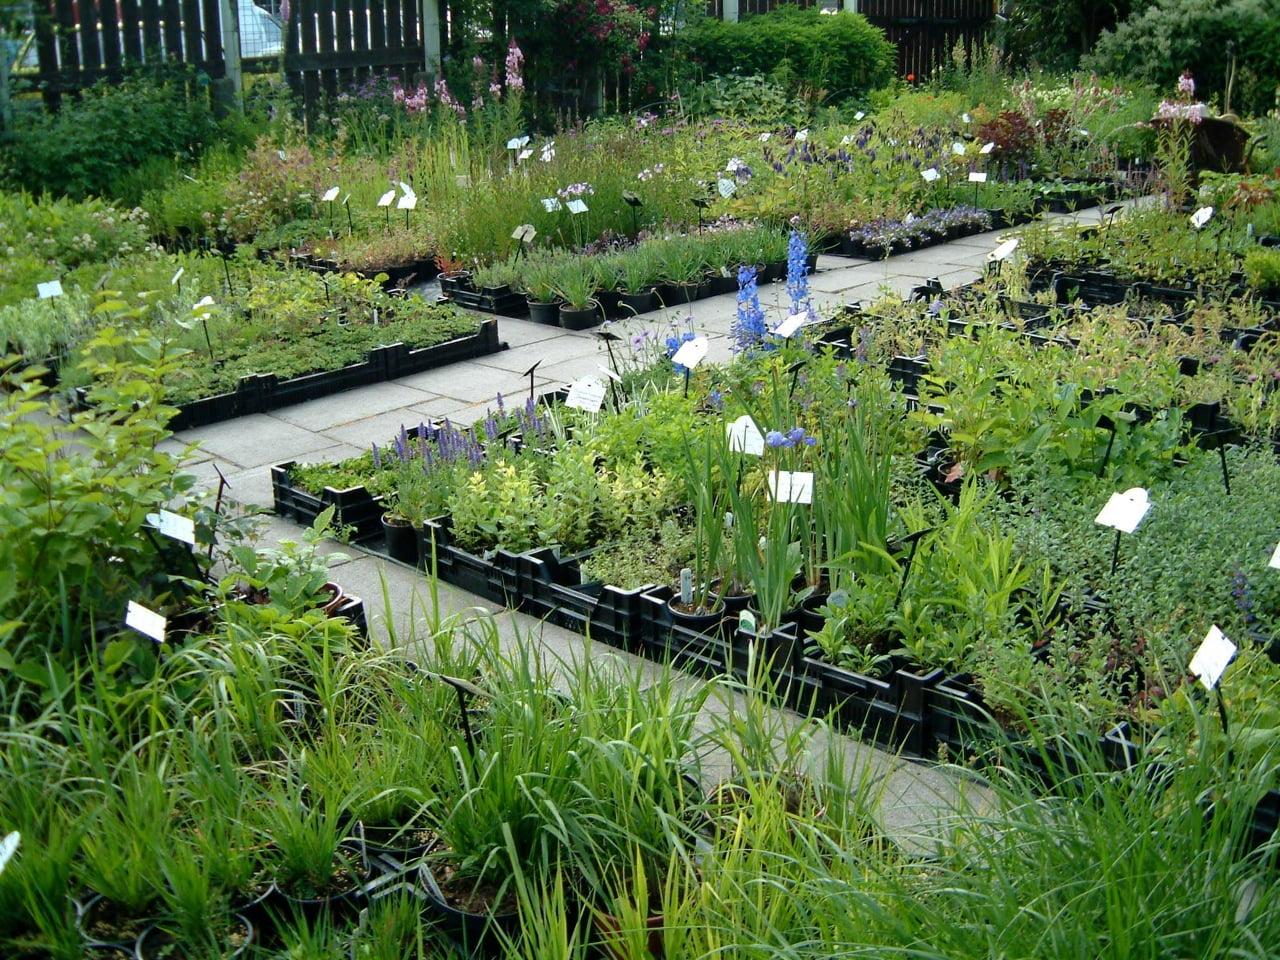 Kwekerij Liefhebbersplanten in juni